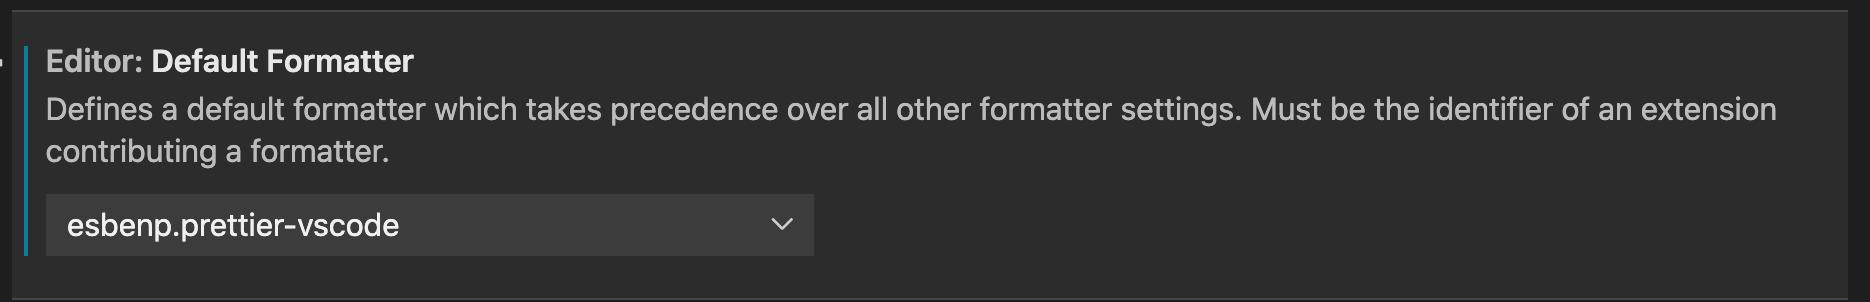 default formatter